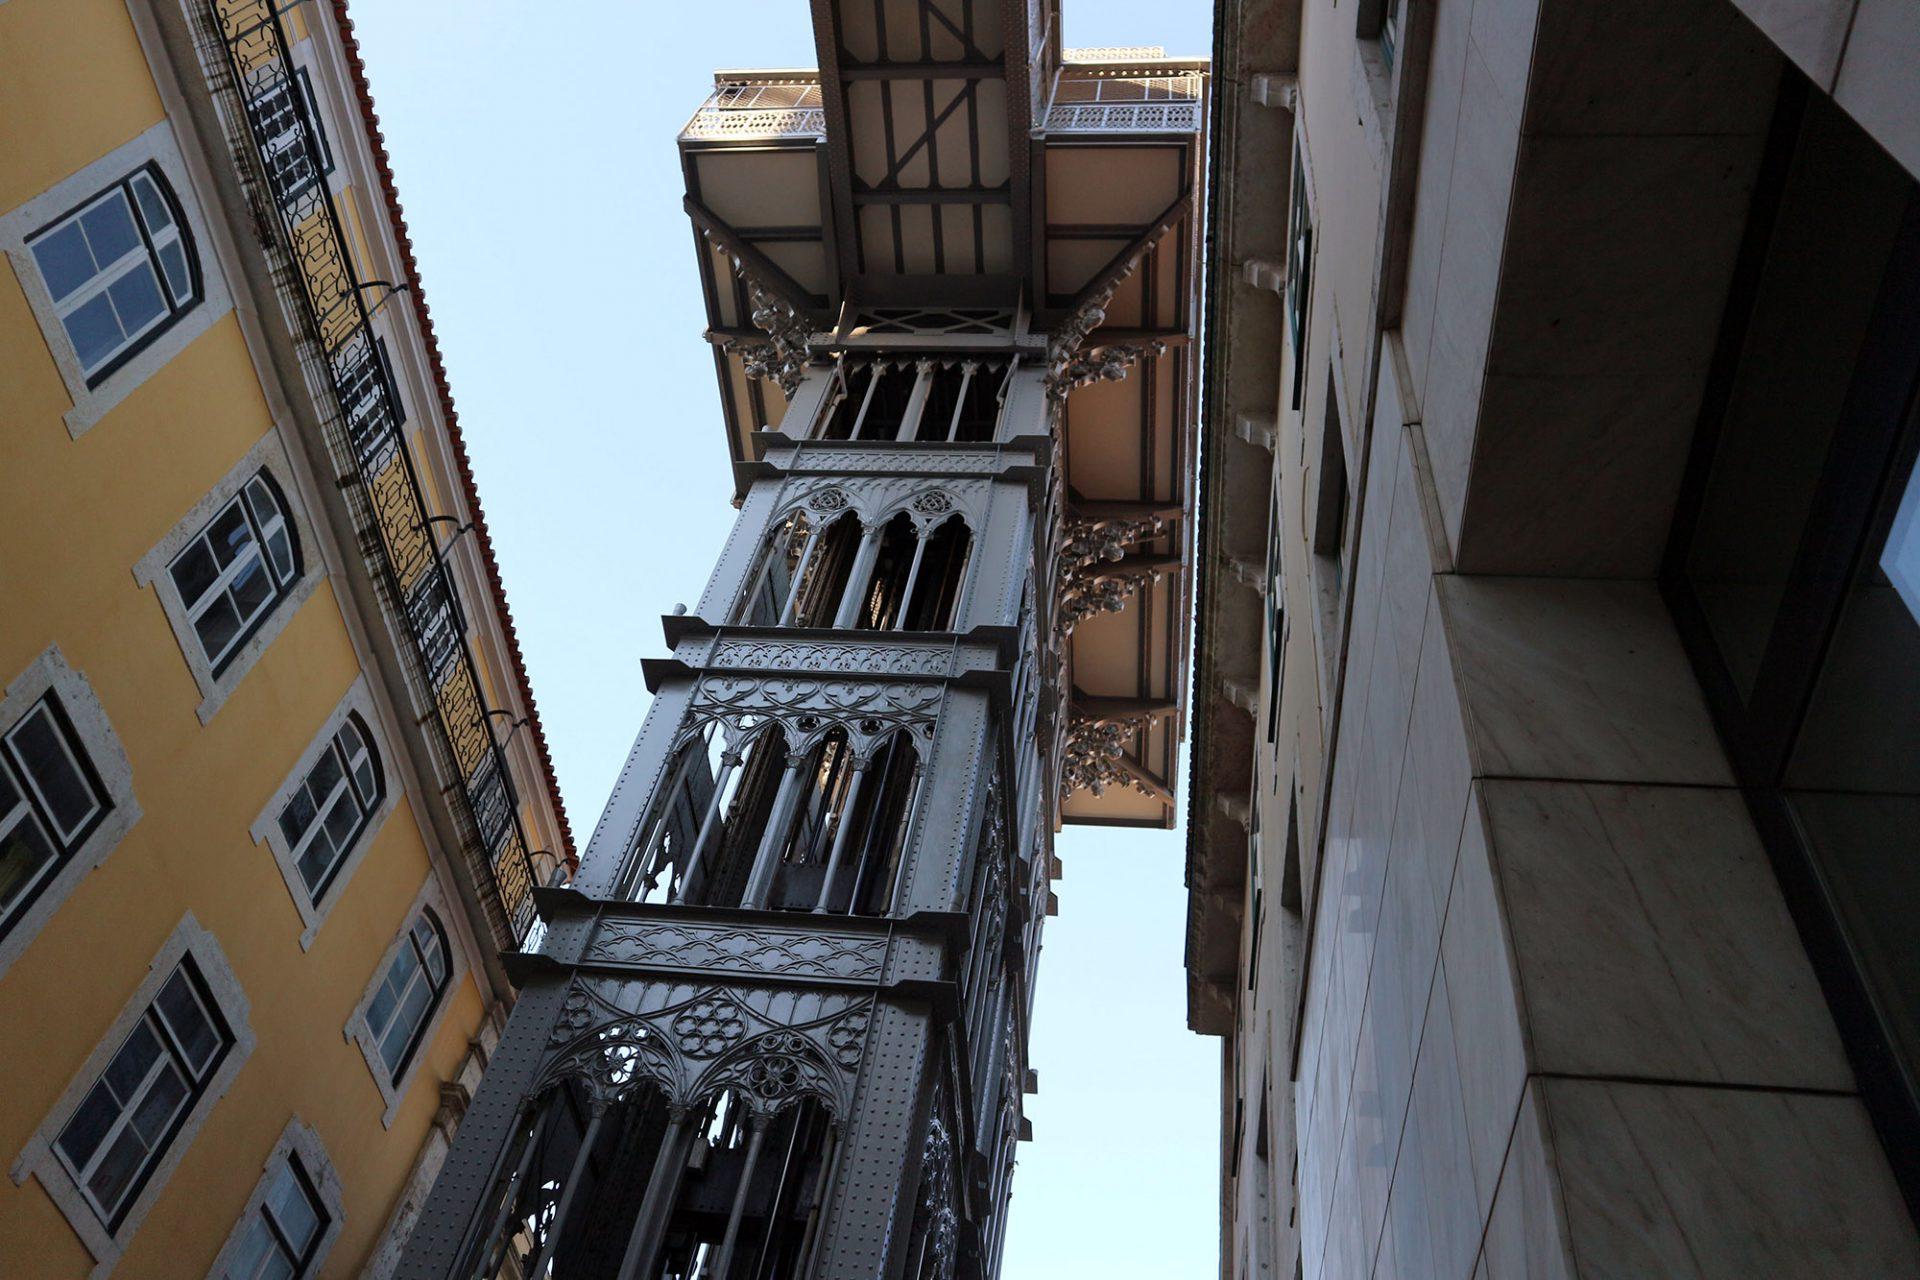 Elevador de Santa Justa.  Die vertikale Struktur besteht aus dem Metallturm, einer Aussichtsplattform, einem Gehweg und der Basis, die aus vier Säulen besteht.